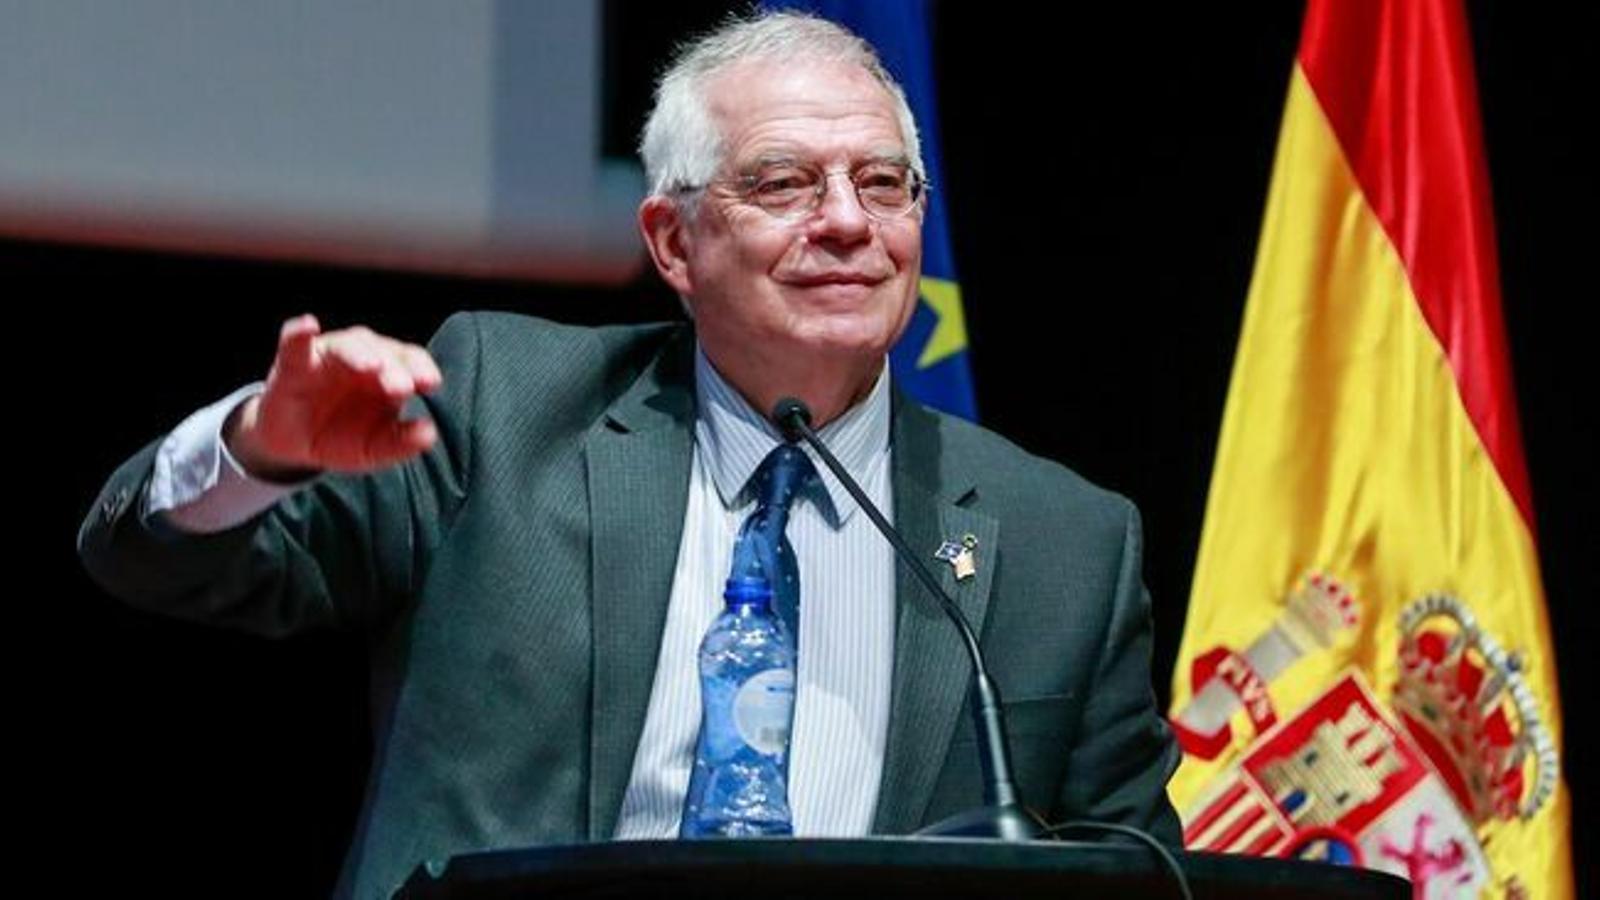 El govern espanyol recorre al TSJC les delegacions catalanes a l'Argentina, Tunísia i Mèxic abans que obrin